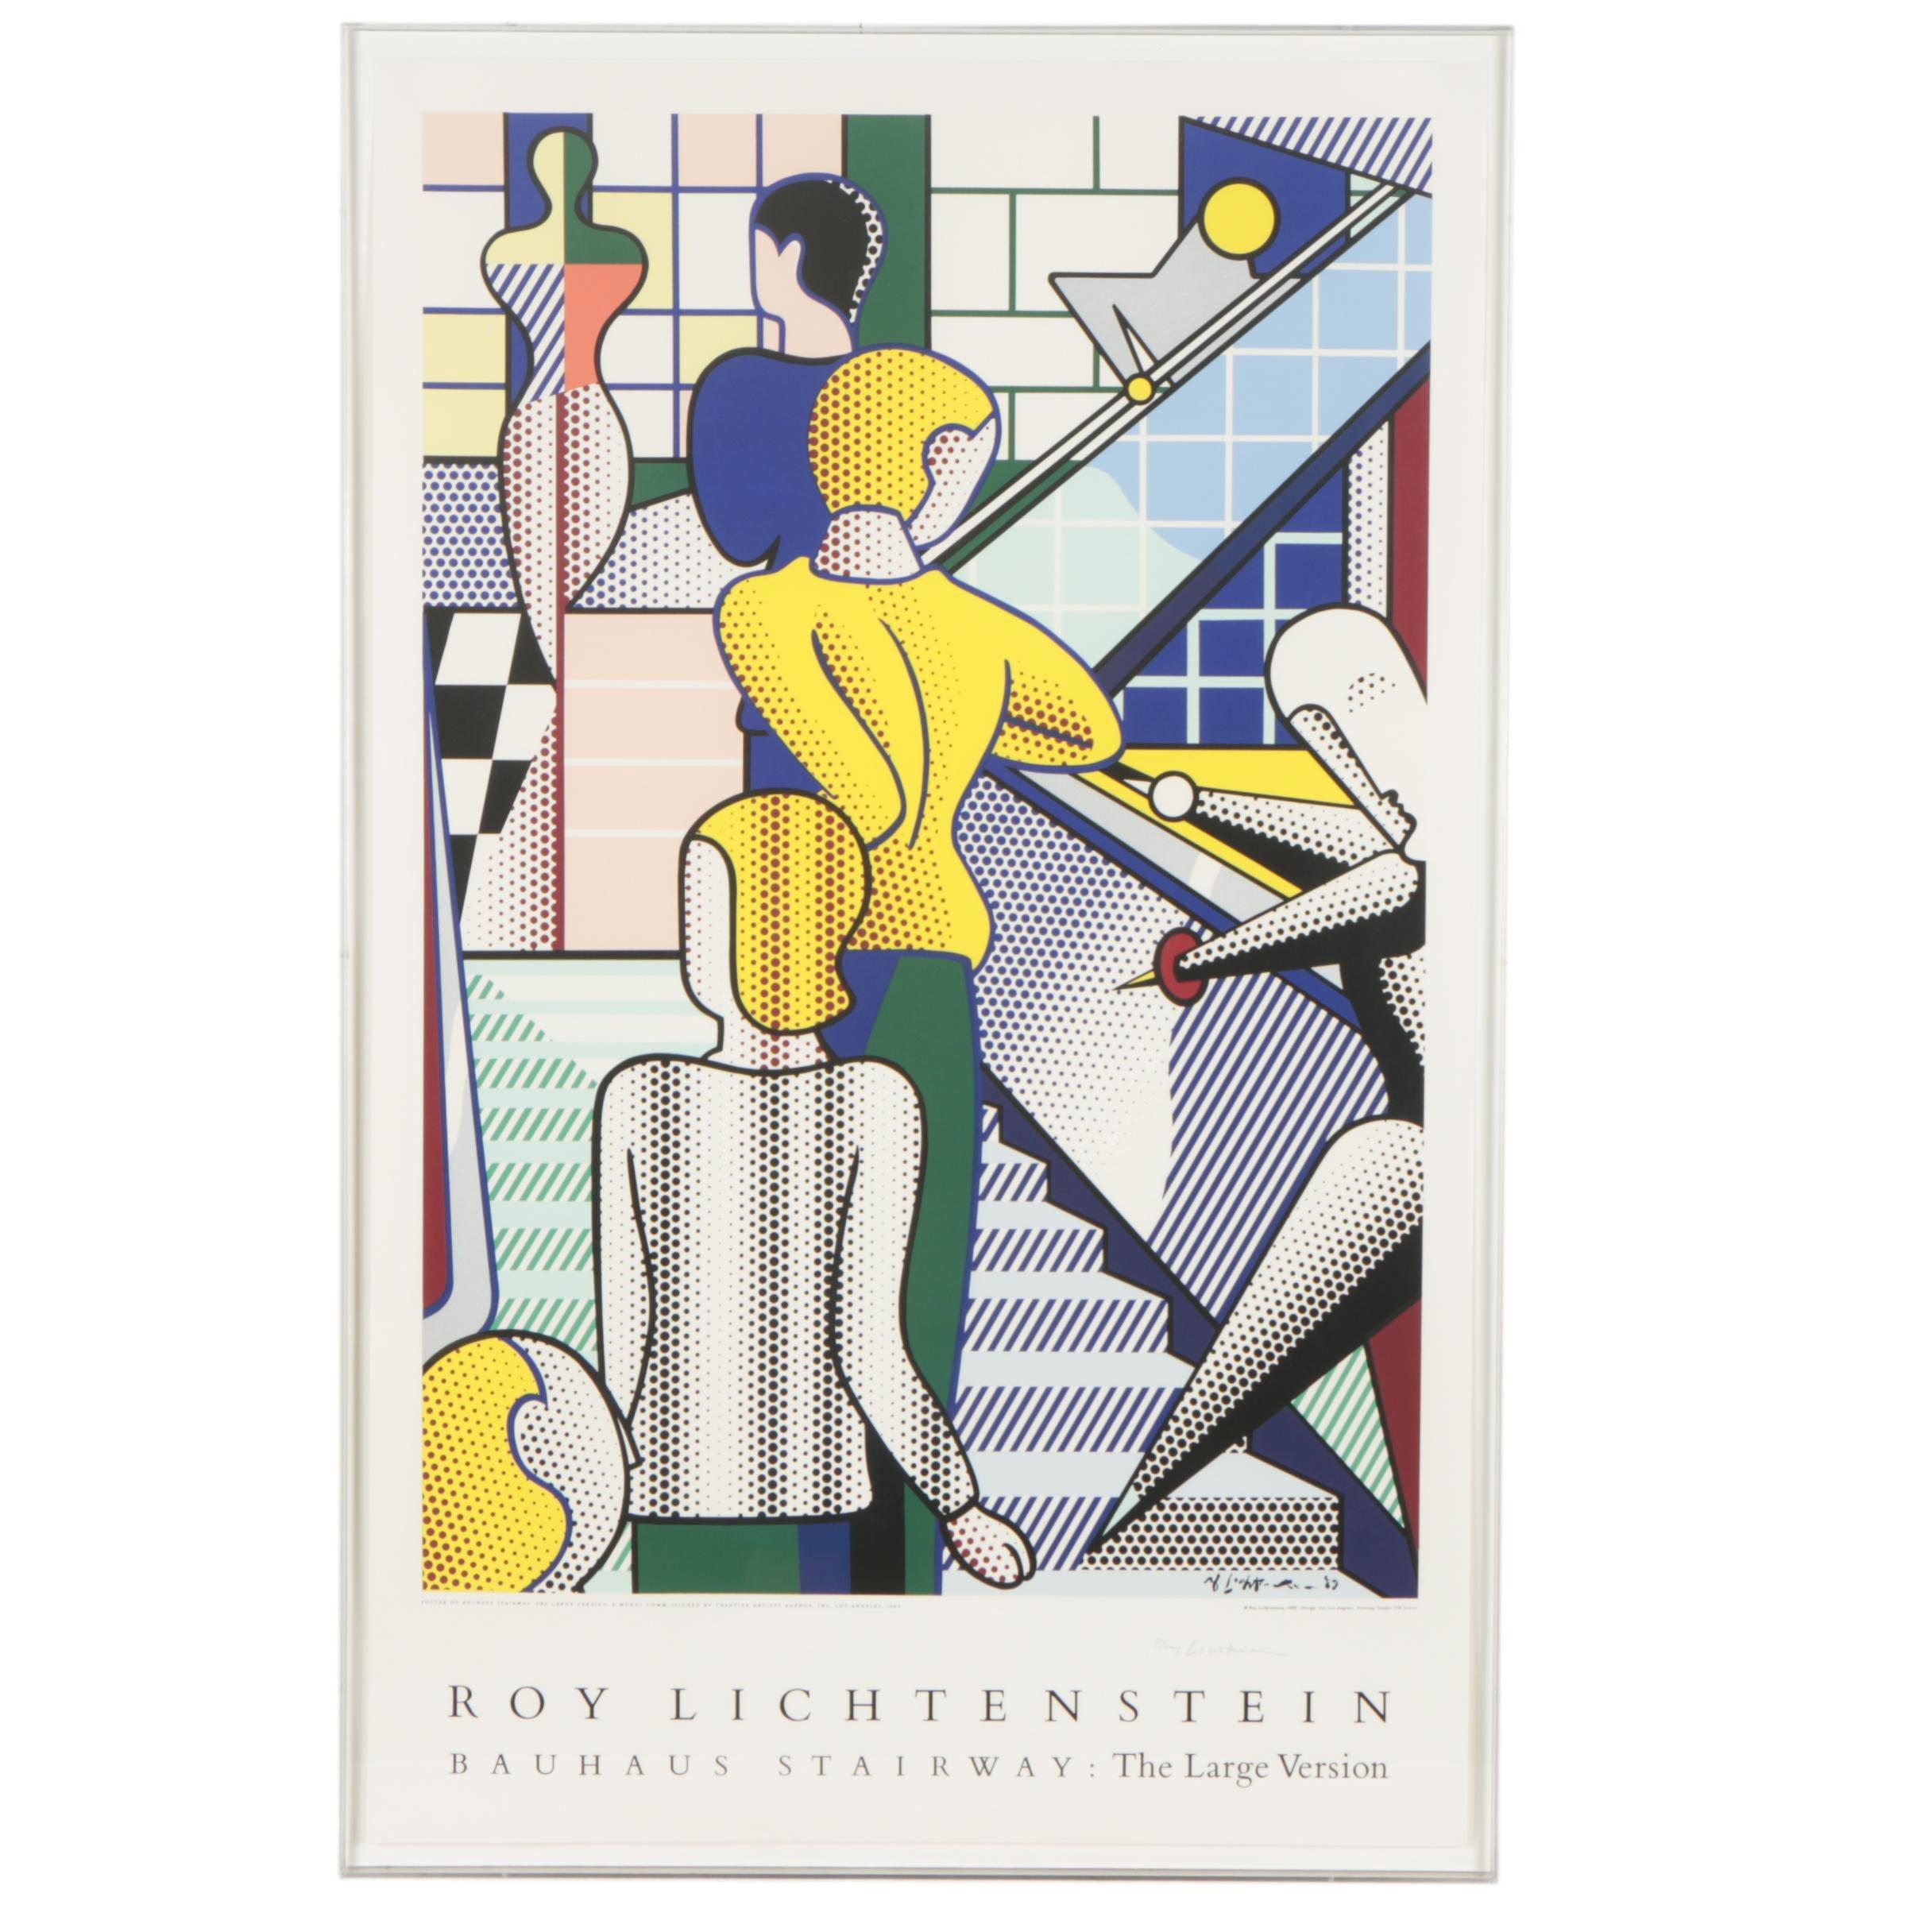 """Signed Roy Lichtenstein Serigraph """"Bauhaus Stairway: The Large Version"""""""